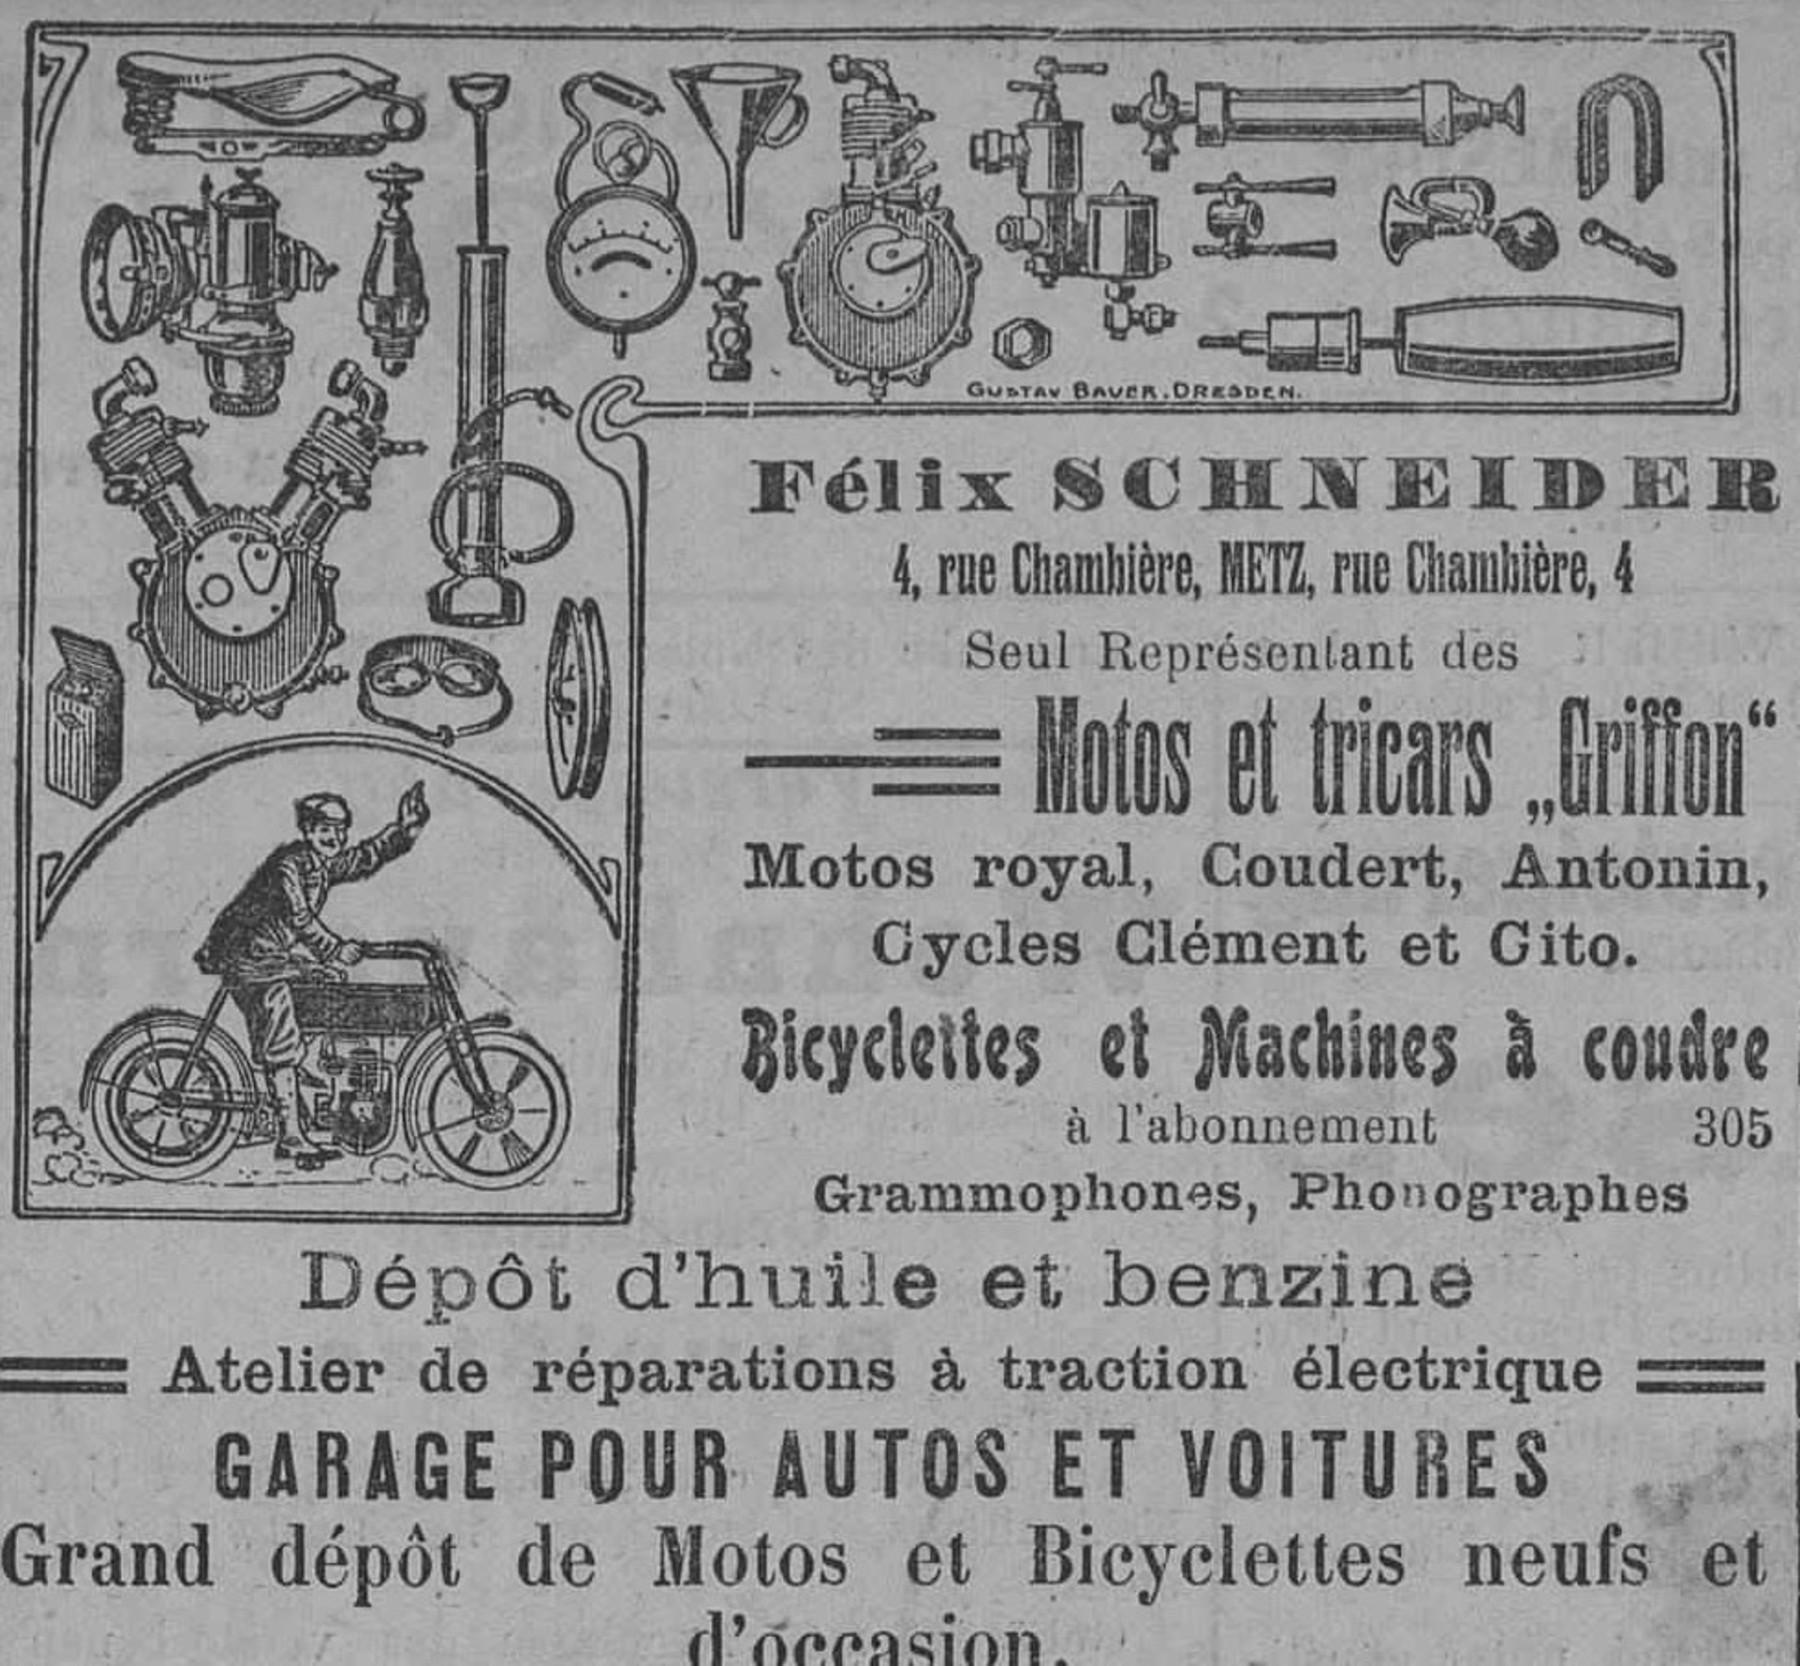 Contenu du Félix Schneider, seul représentant des motos et tricars Griffon, garage pour autos et voitures